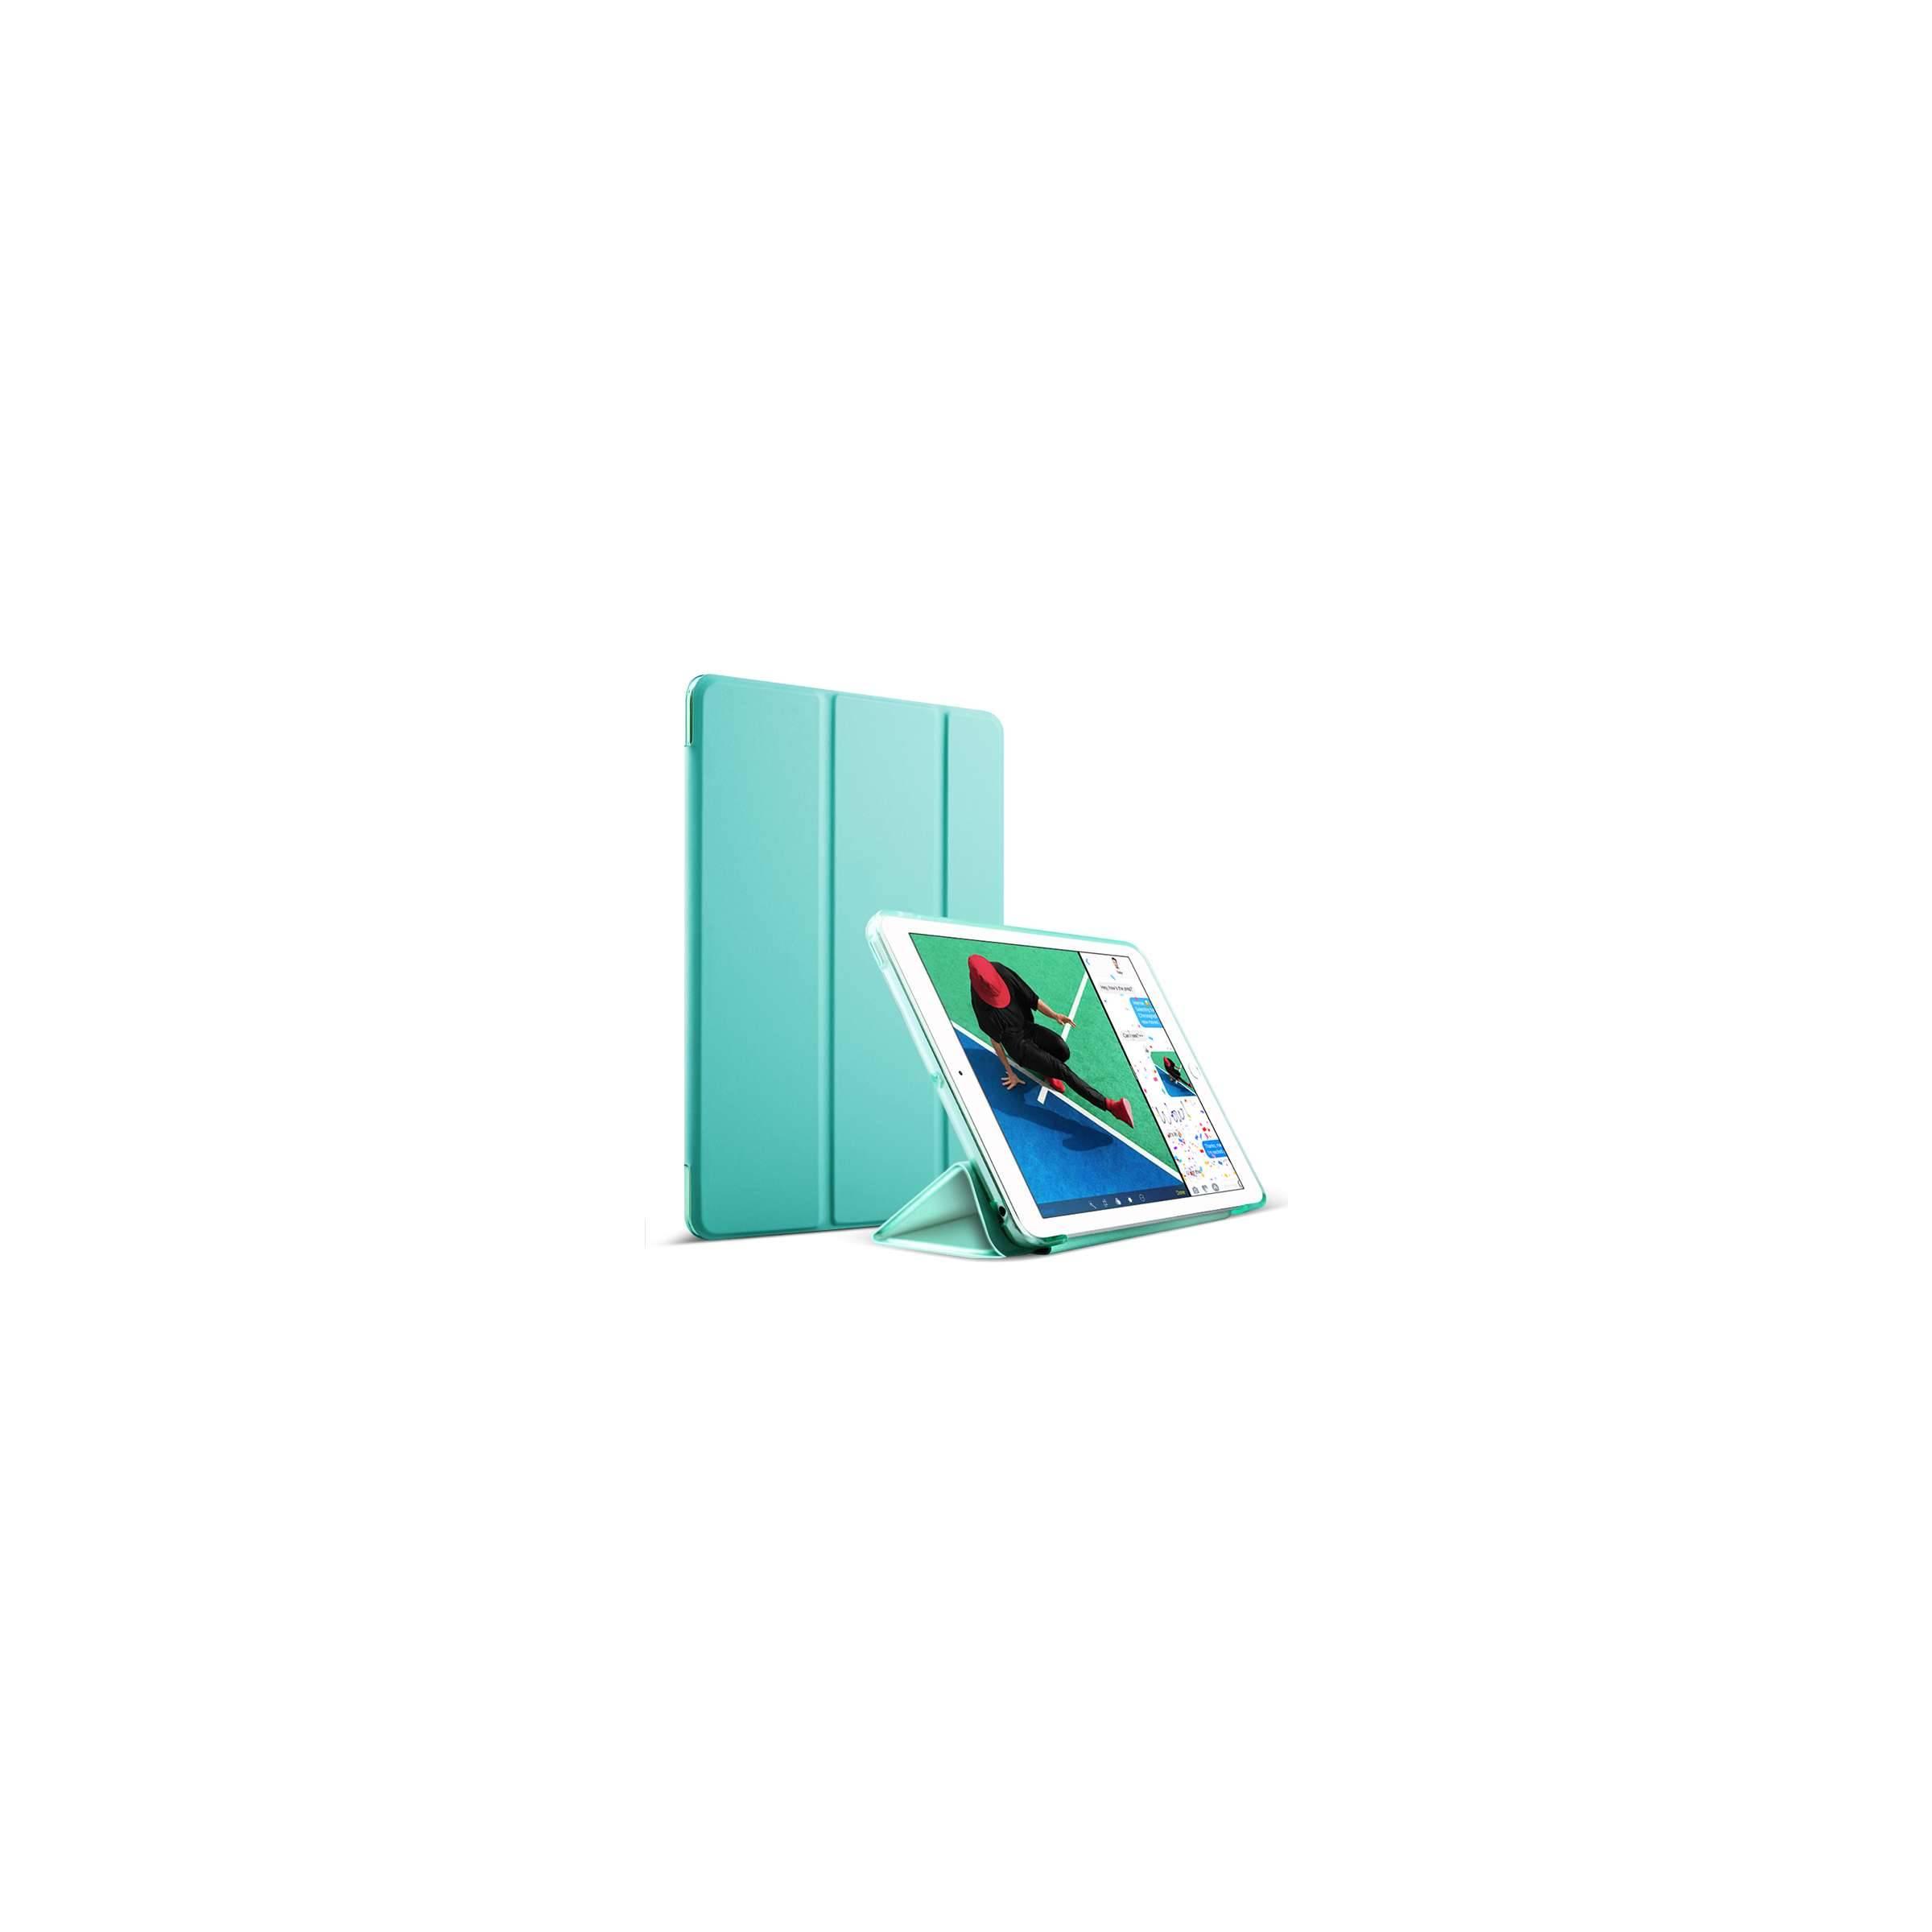 kina oem Ipad mini 5 silikone cover med bagside farve grøn på mackabler.dk